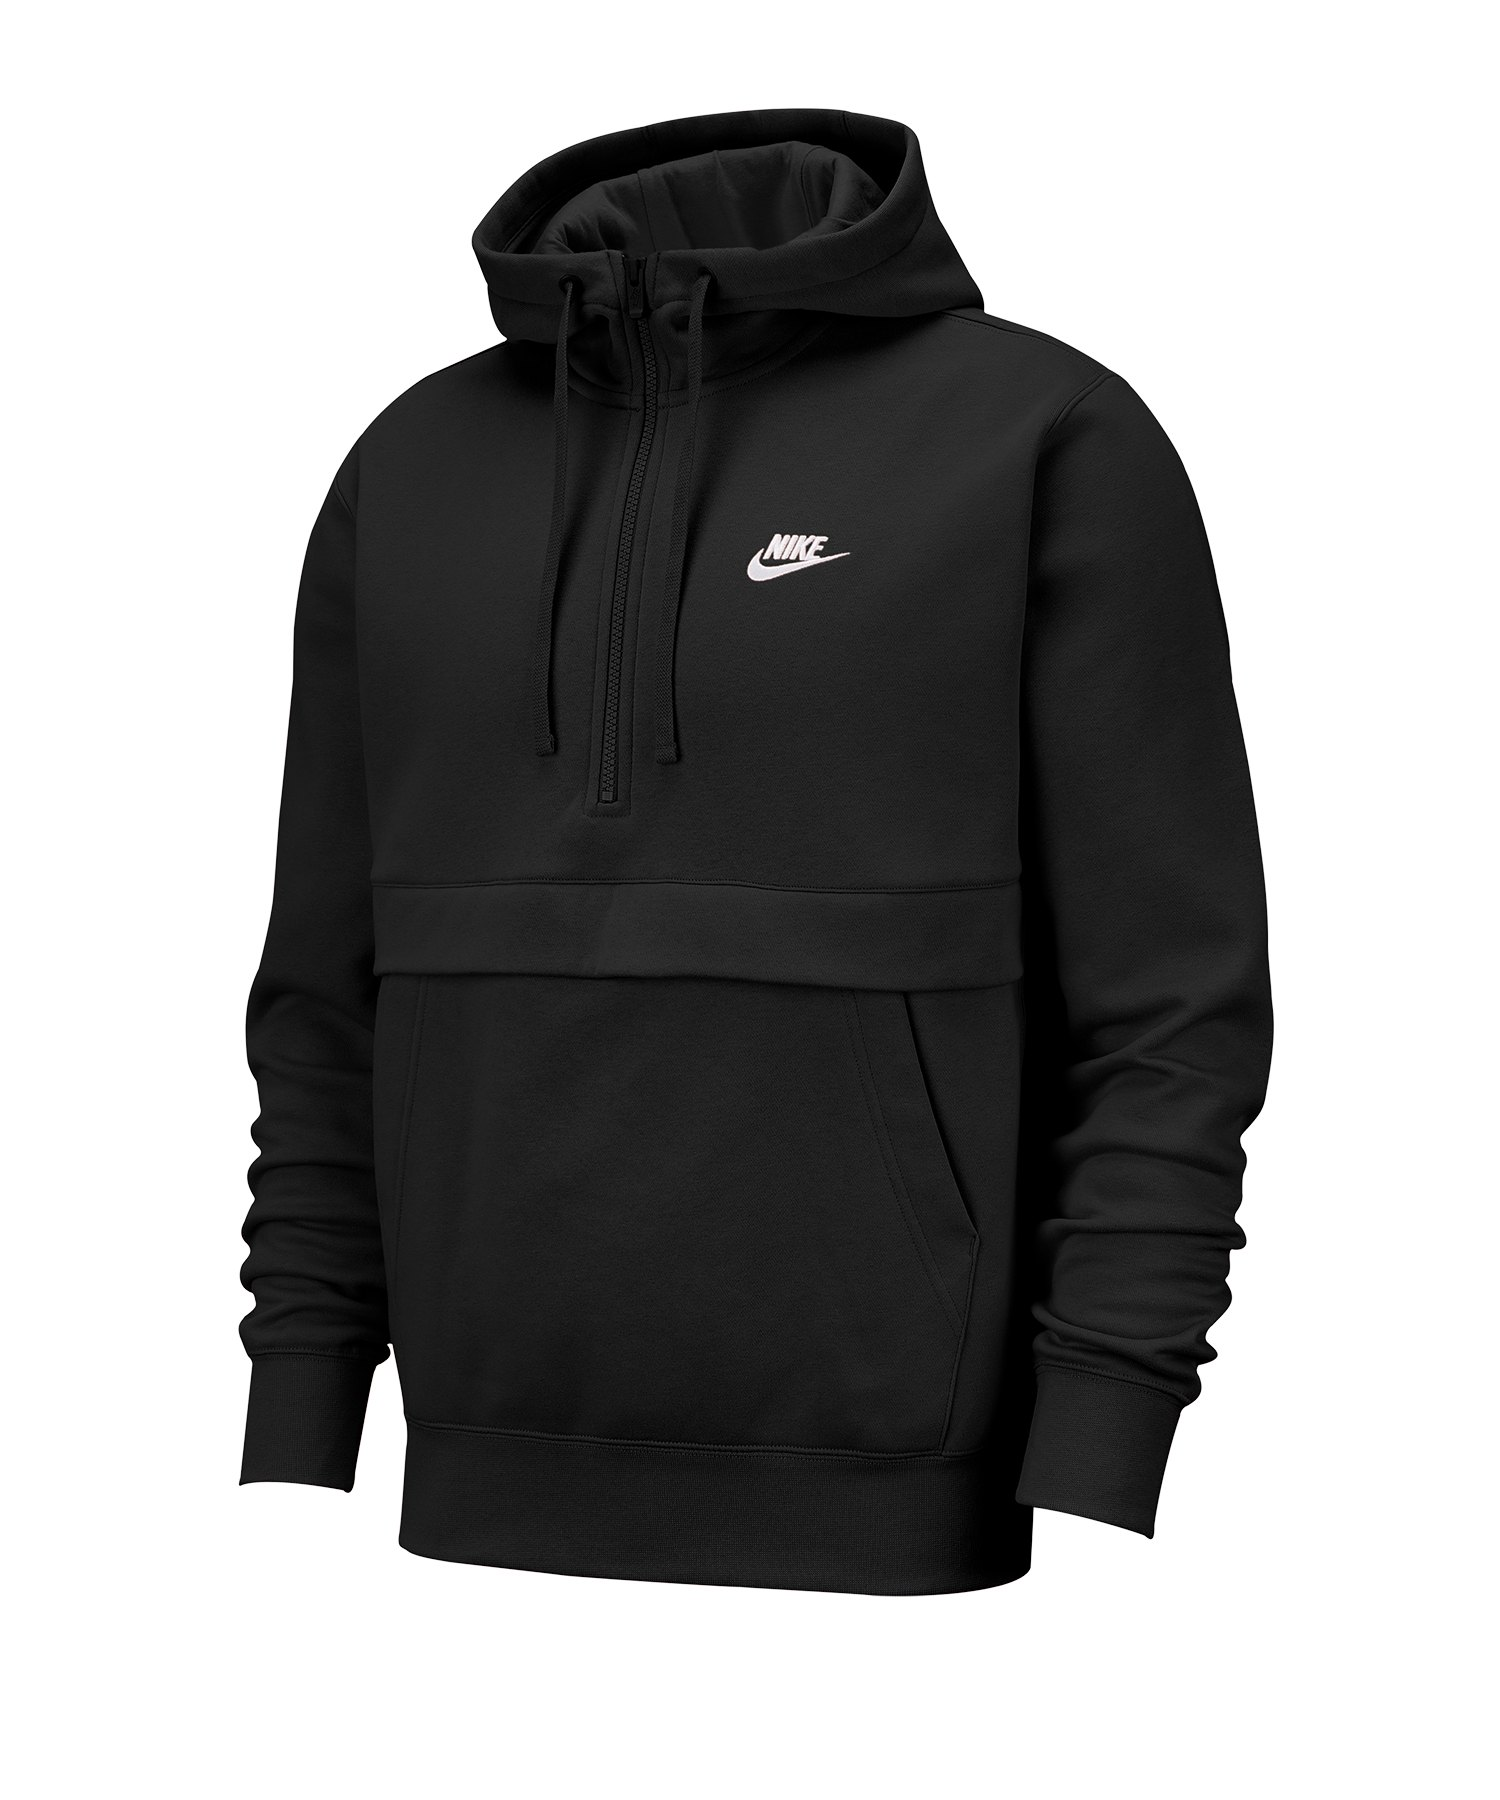 Nike Club Fleece 1/2 Zip Kapuzensweatshirt F010 - schwarz